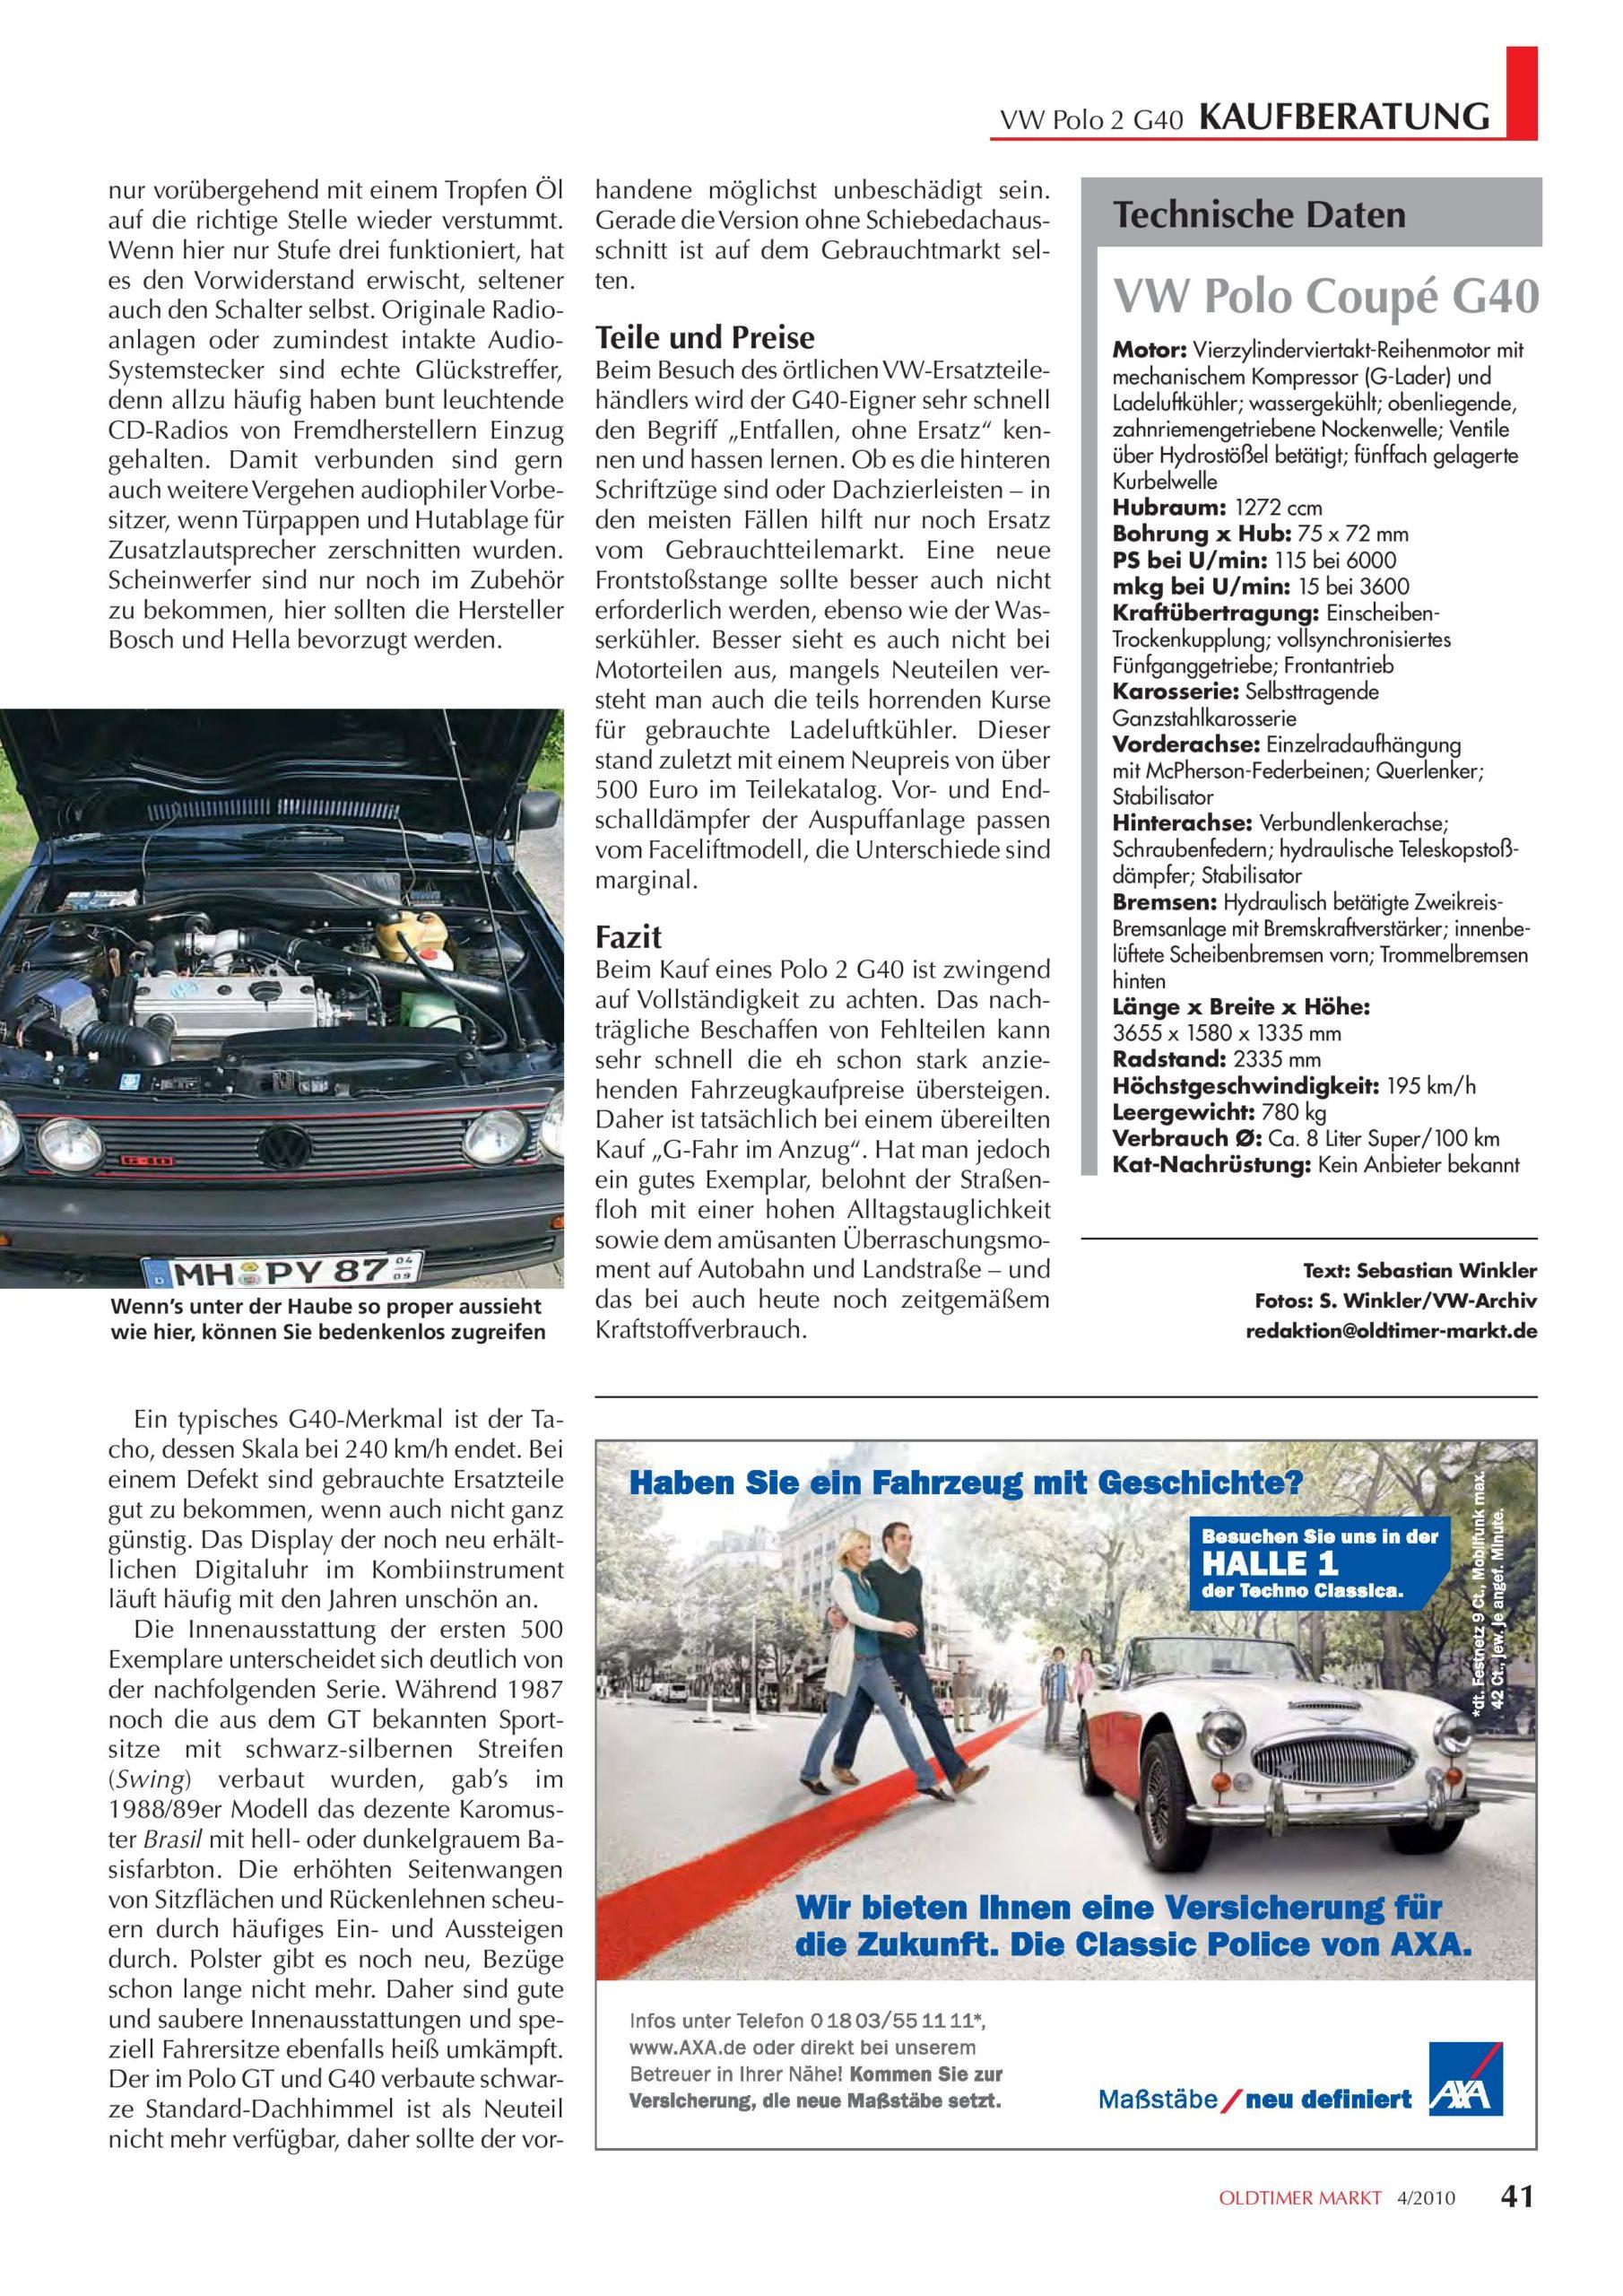 ODTM201004_page06